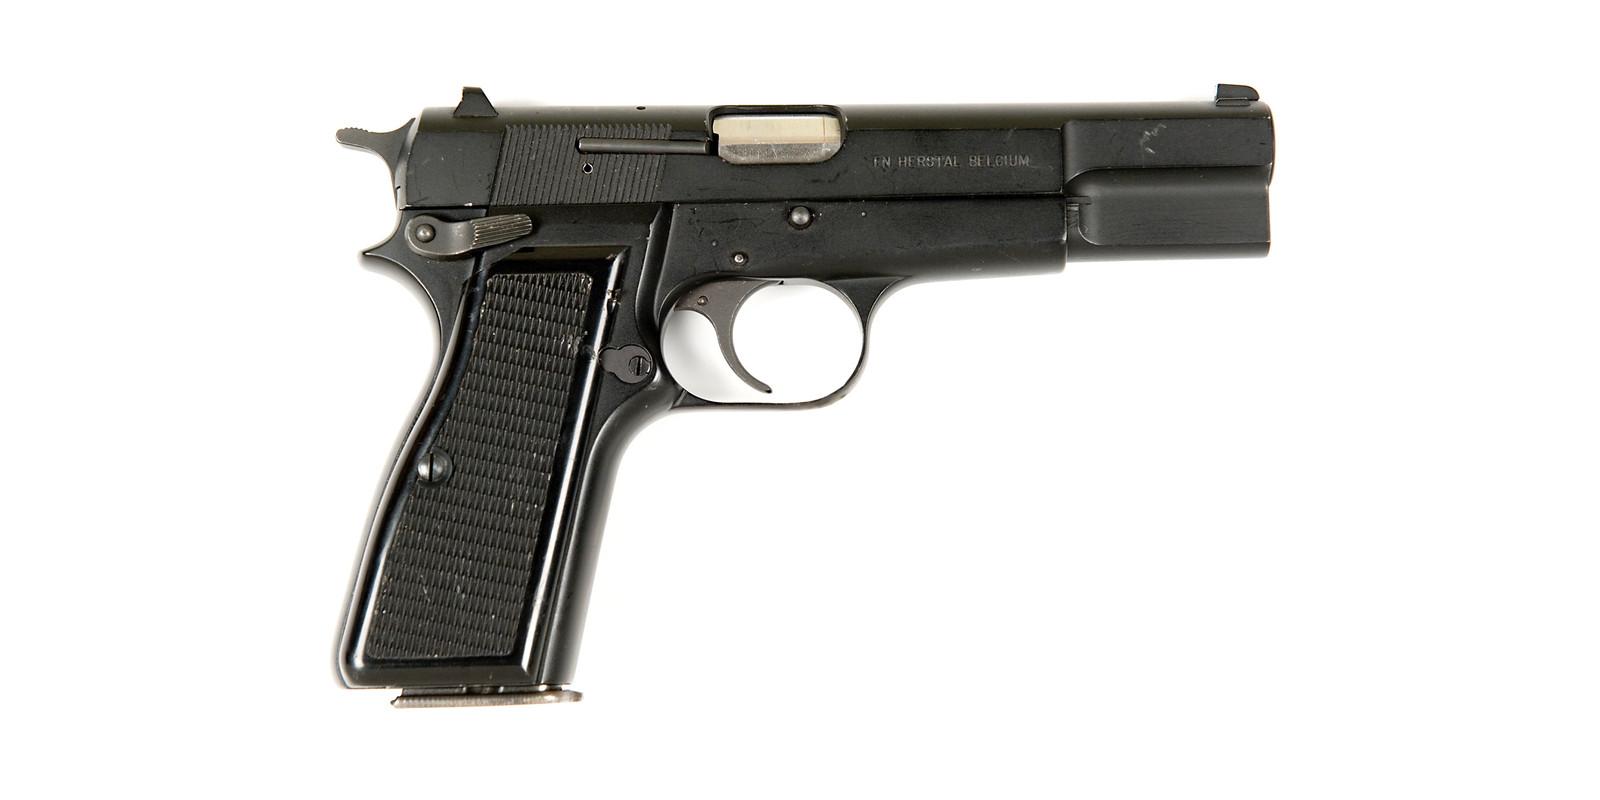 De FN, model High Power 35 die werd aangetroffen bij de verdachte.